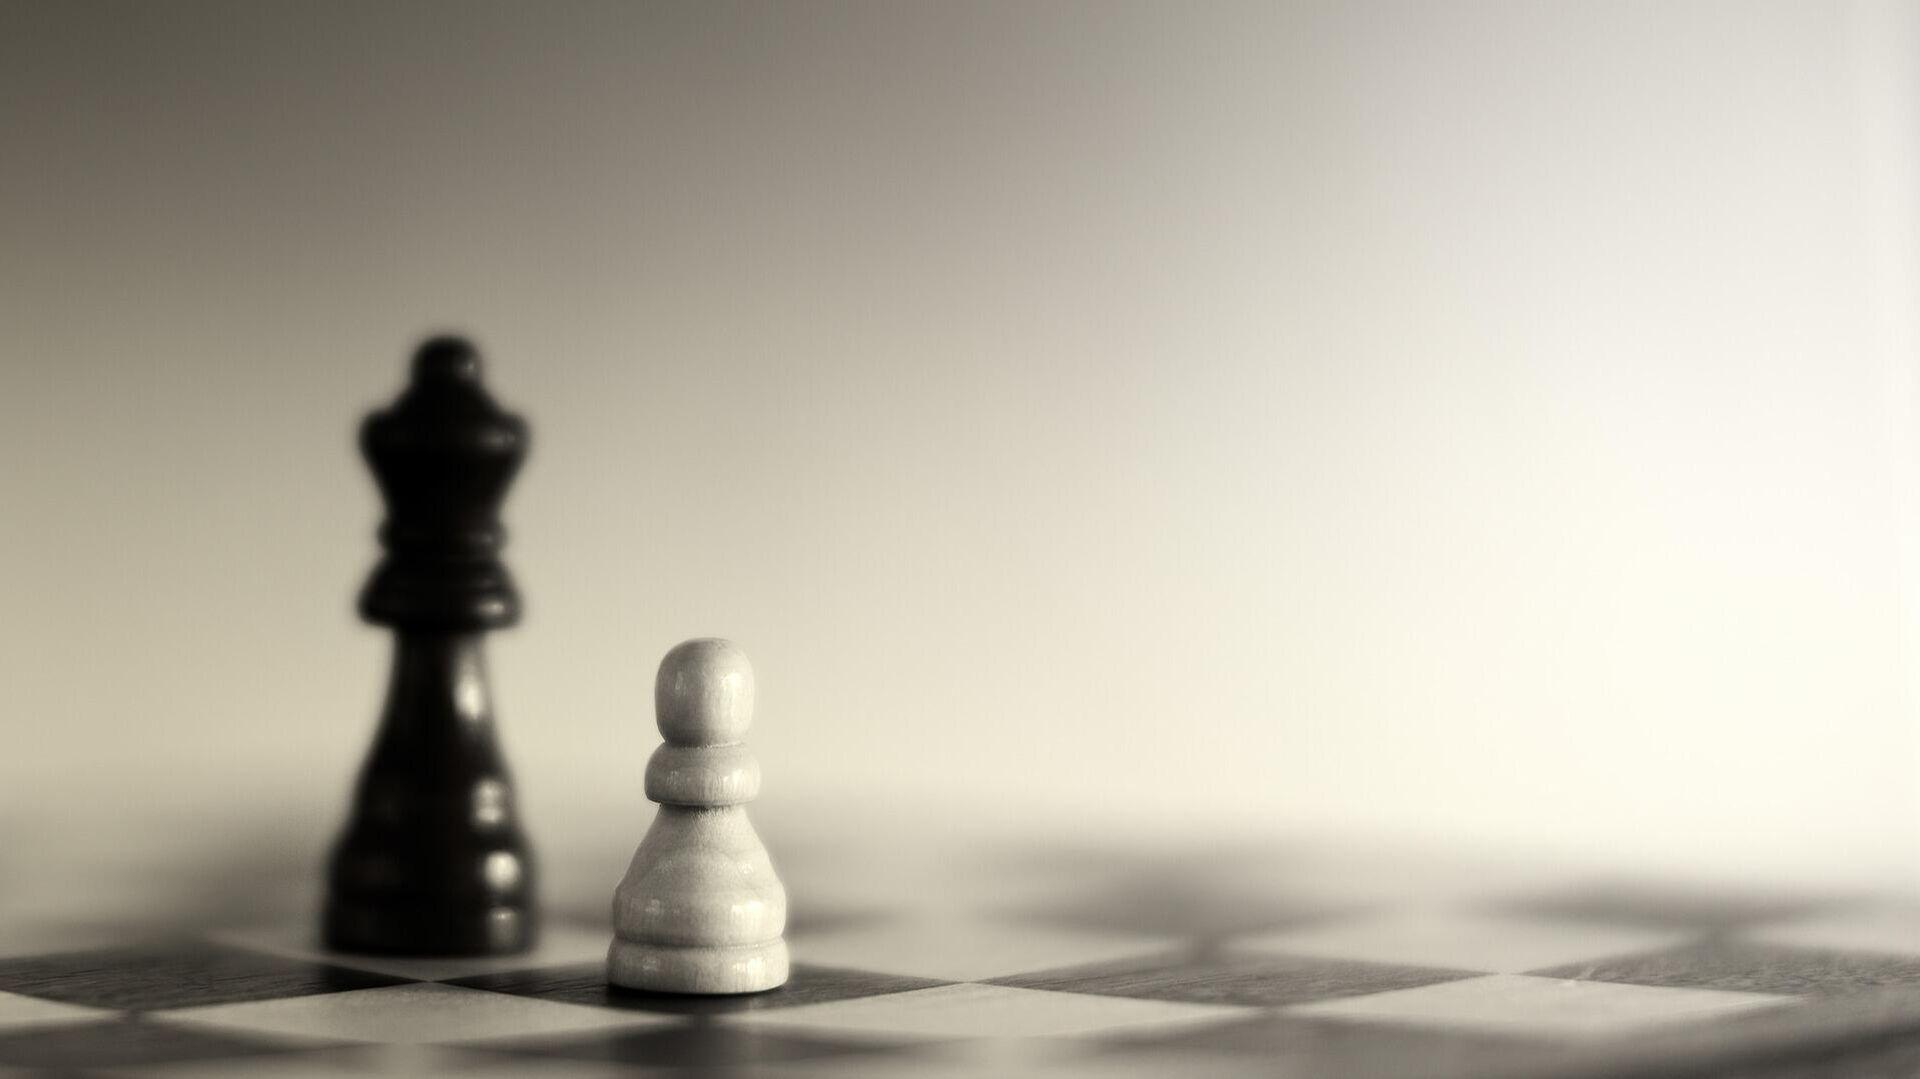 Un peón y una reina en el ajedrez. Imagen referencial - Sputnik Mundo, 1920, 24.03.2021